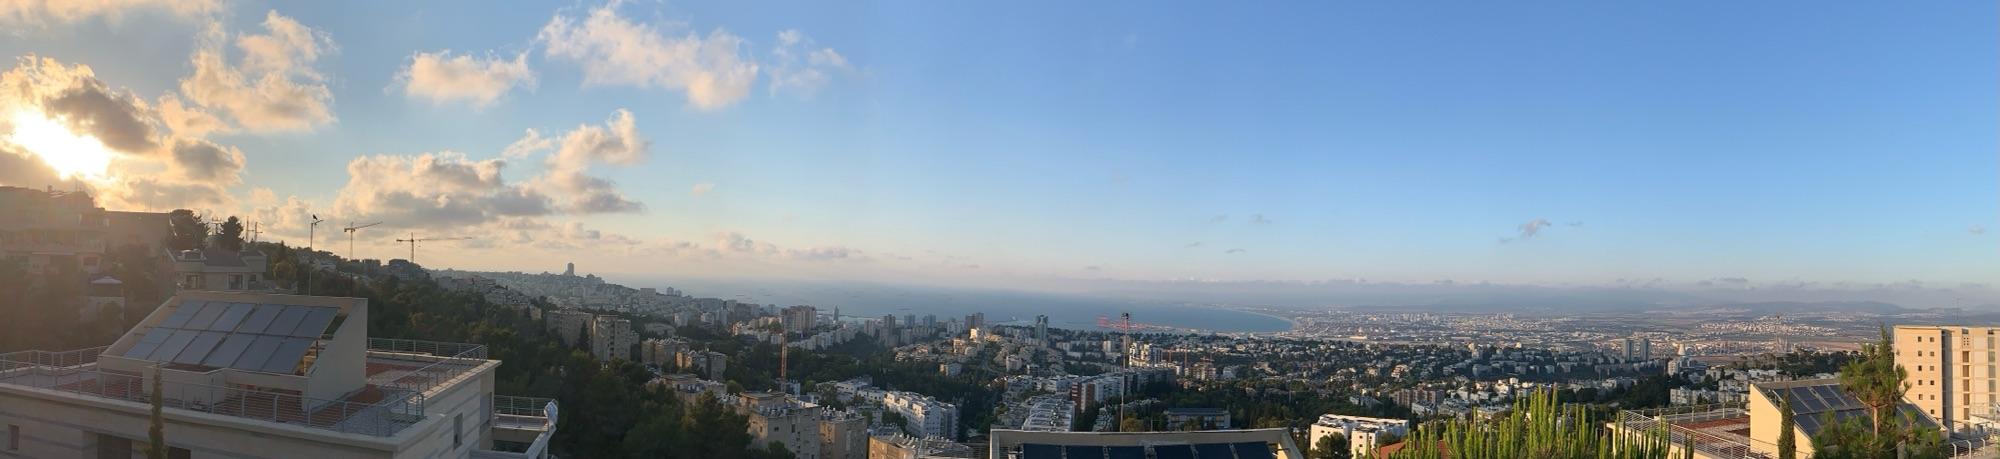 Предзакатная Хайфа, вид на север.Виден Хайфский залив, Акко и На'ария.